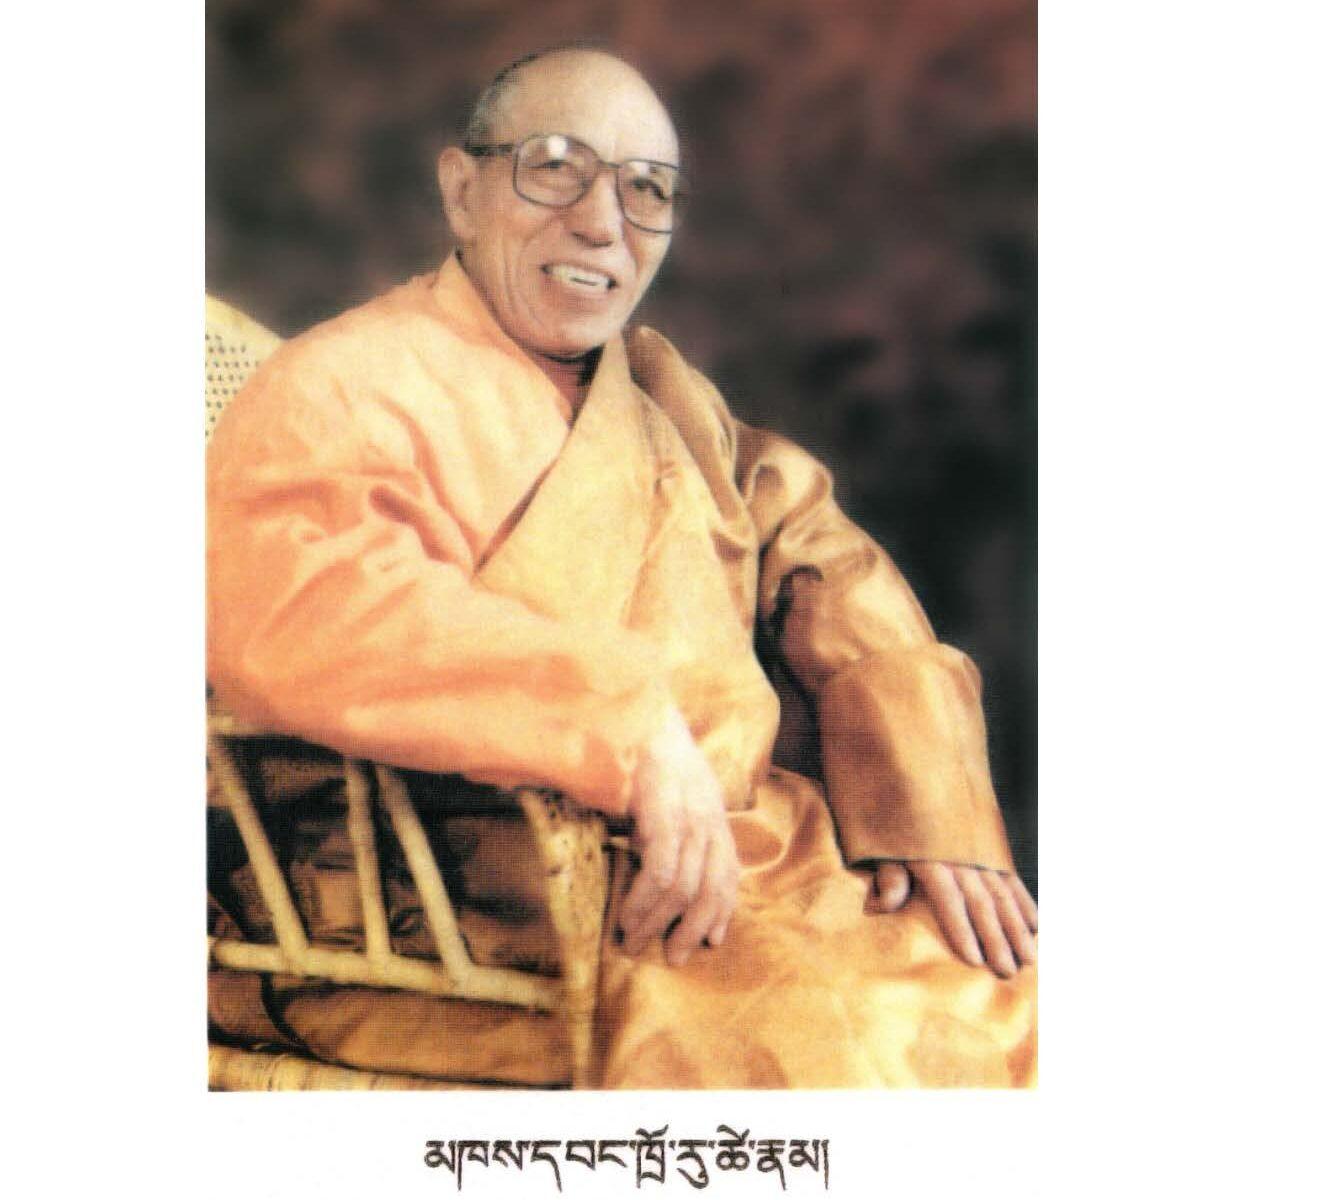 En photo, Prof. Troru Tsenam, considéré comme le plus grand médecin tibétain de ce siècle, détenteur des lignées du Yuthok Nyingthig et des Quatre Tantra Médicaux.